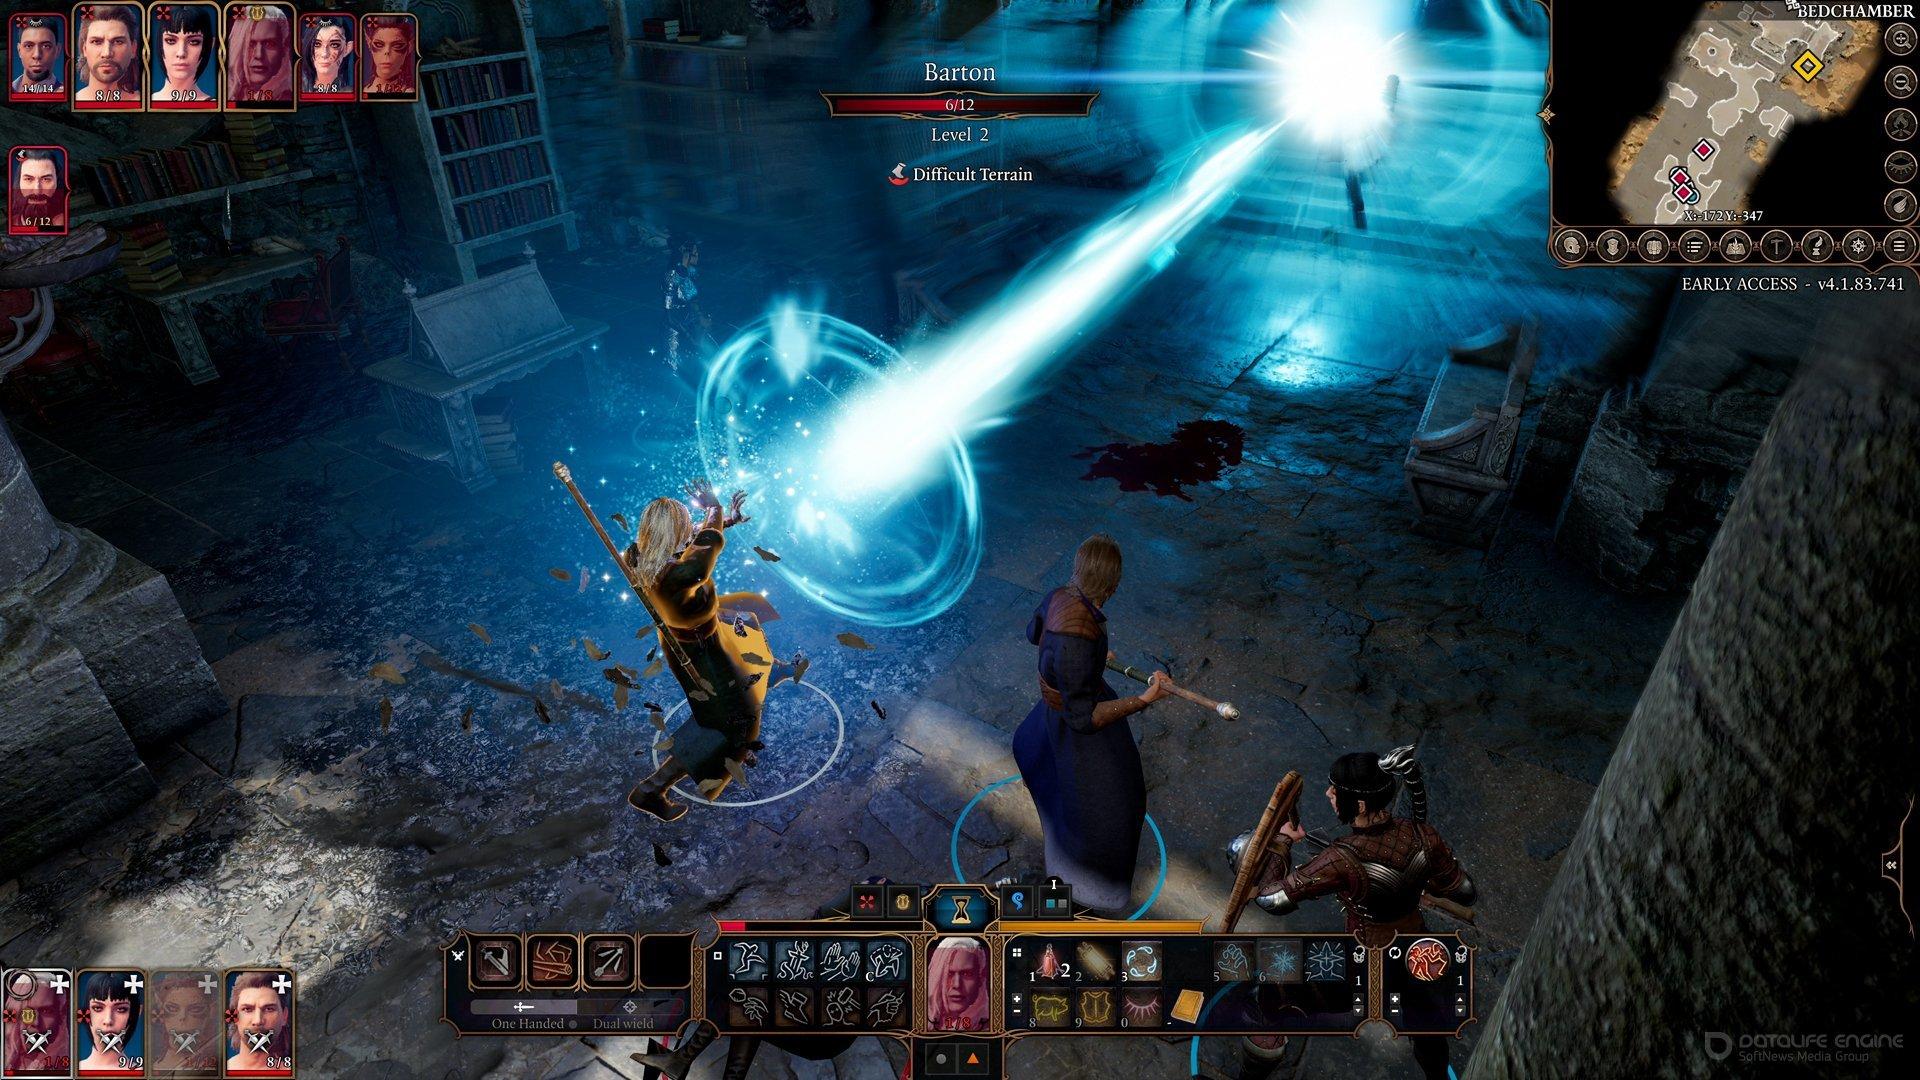 Скриншот к игре Baldur's Gate 3 (4.1.99.8615 EA) [GOG] (Early Access) скачать торрент Лицензия